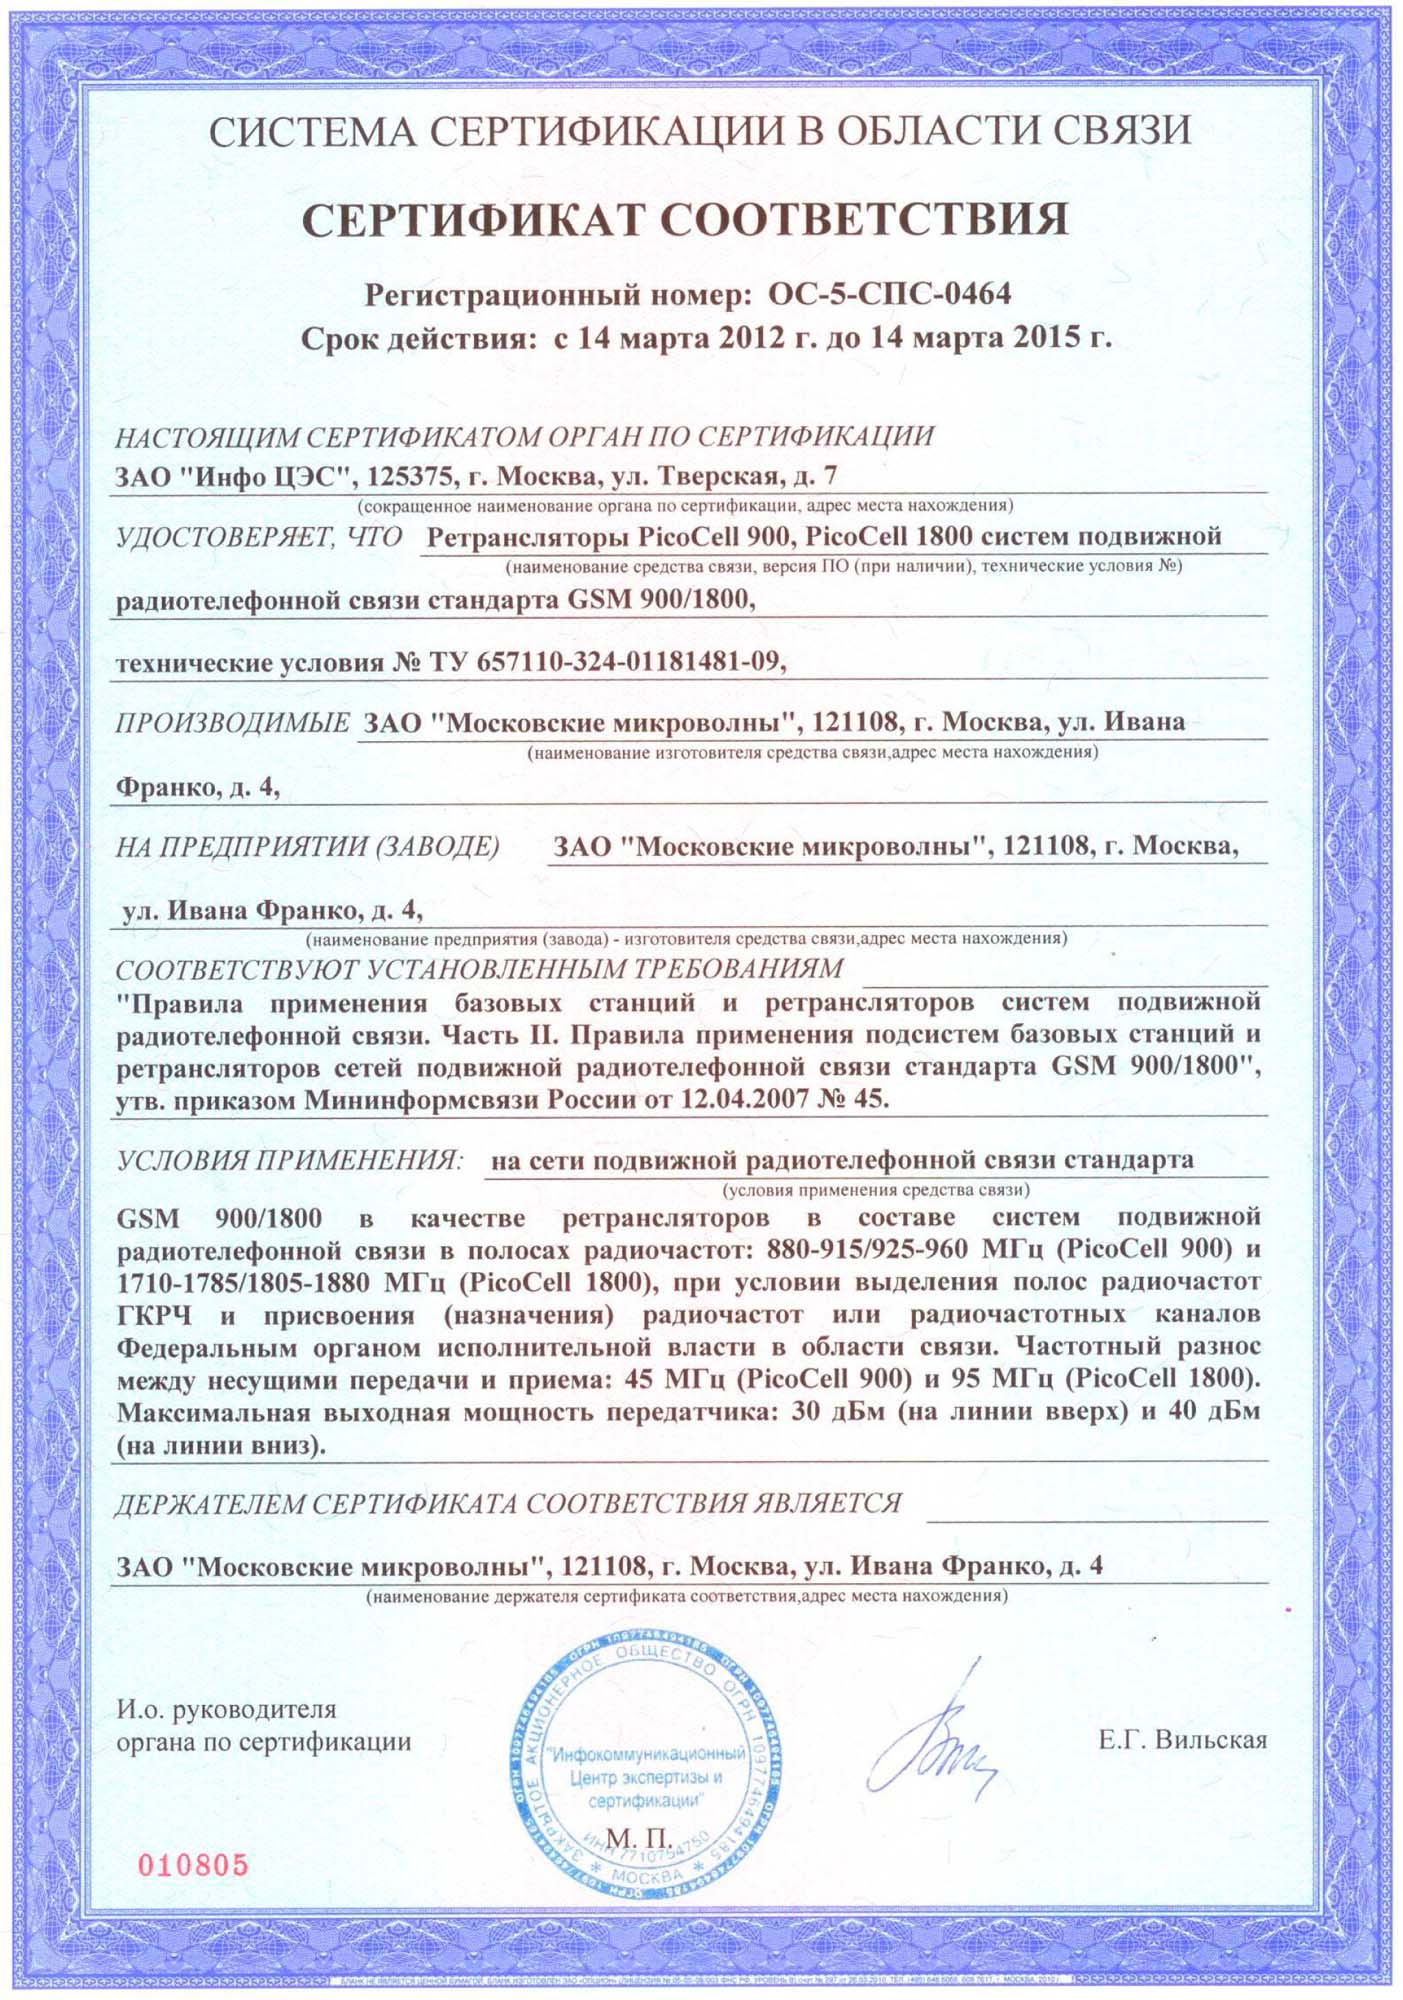 Инструкция К Магнитным Антеннам Для Сотовых Телефонов Триада Gsm 9001800